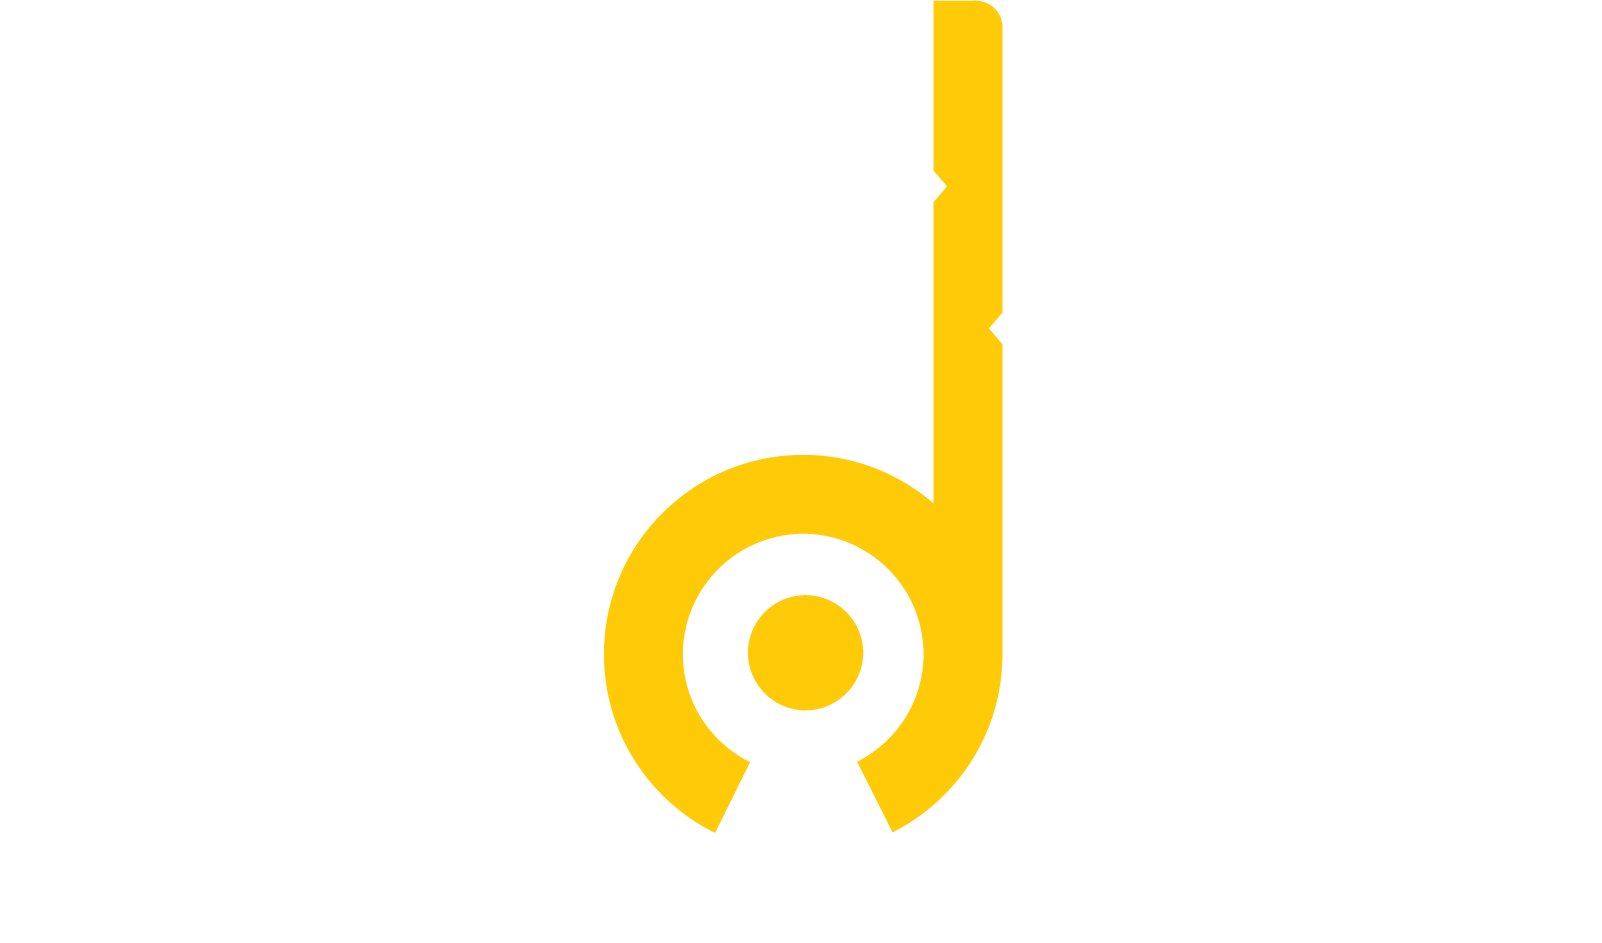 Keder Solutions